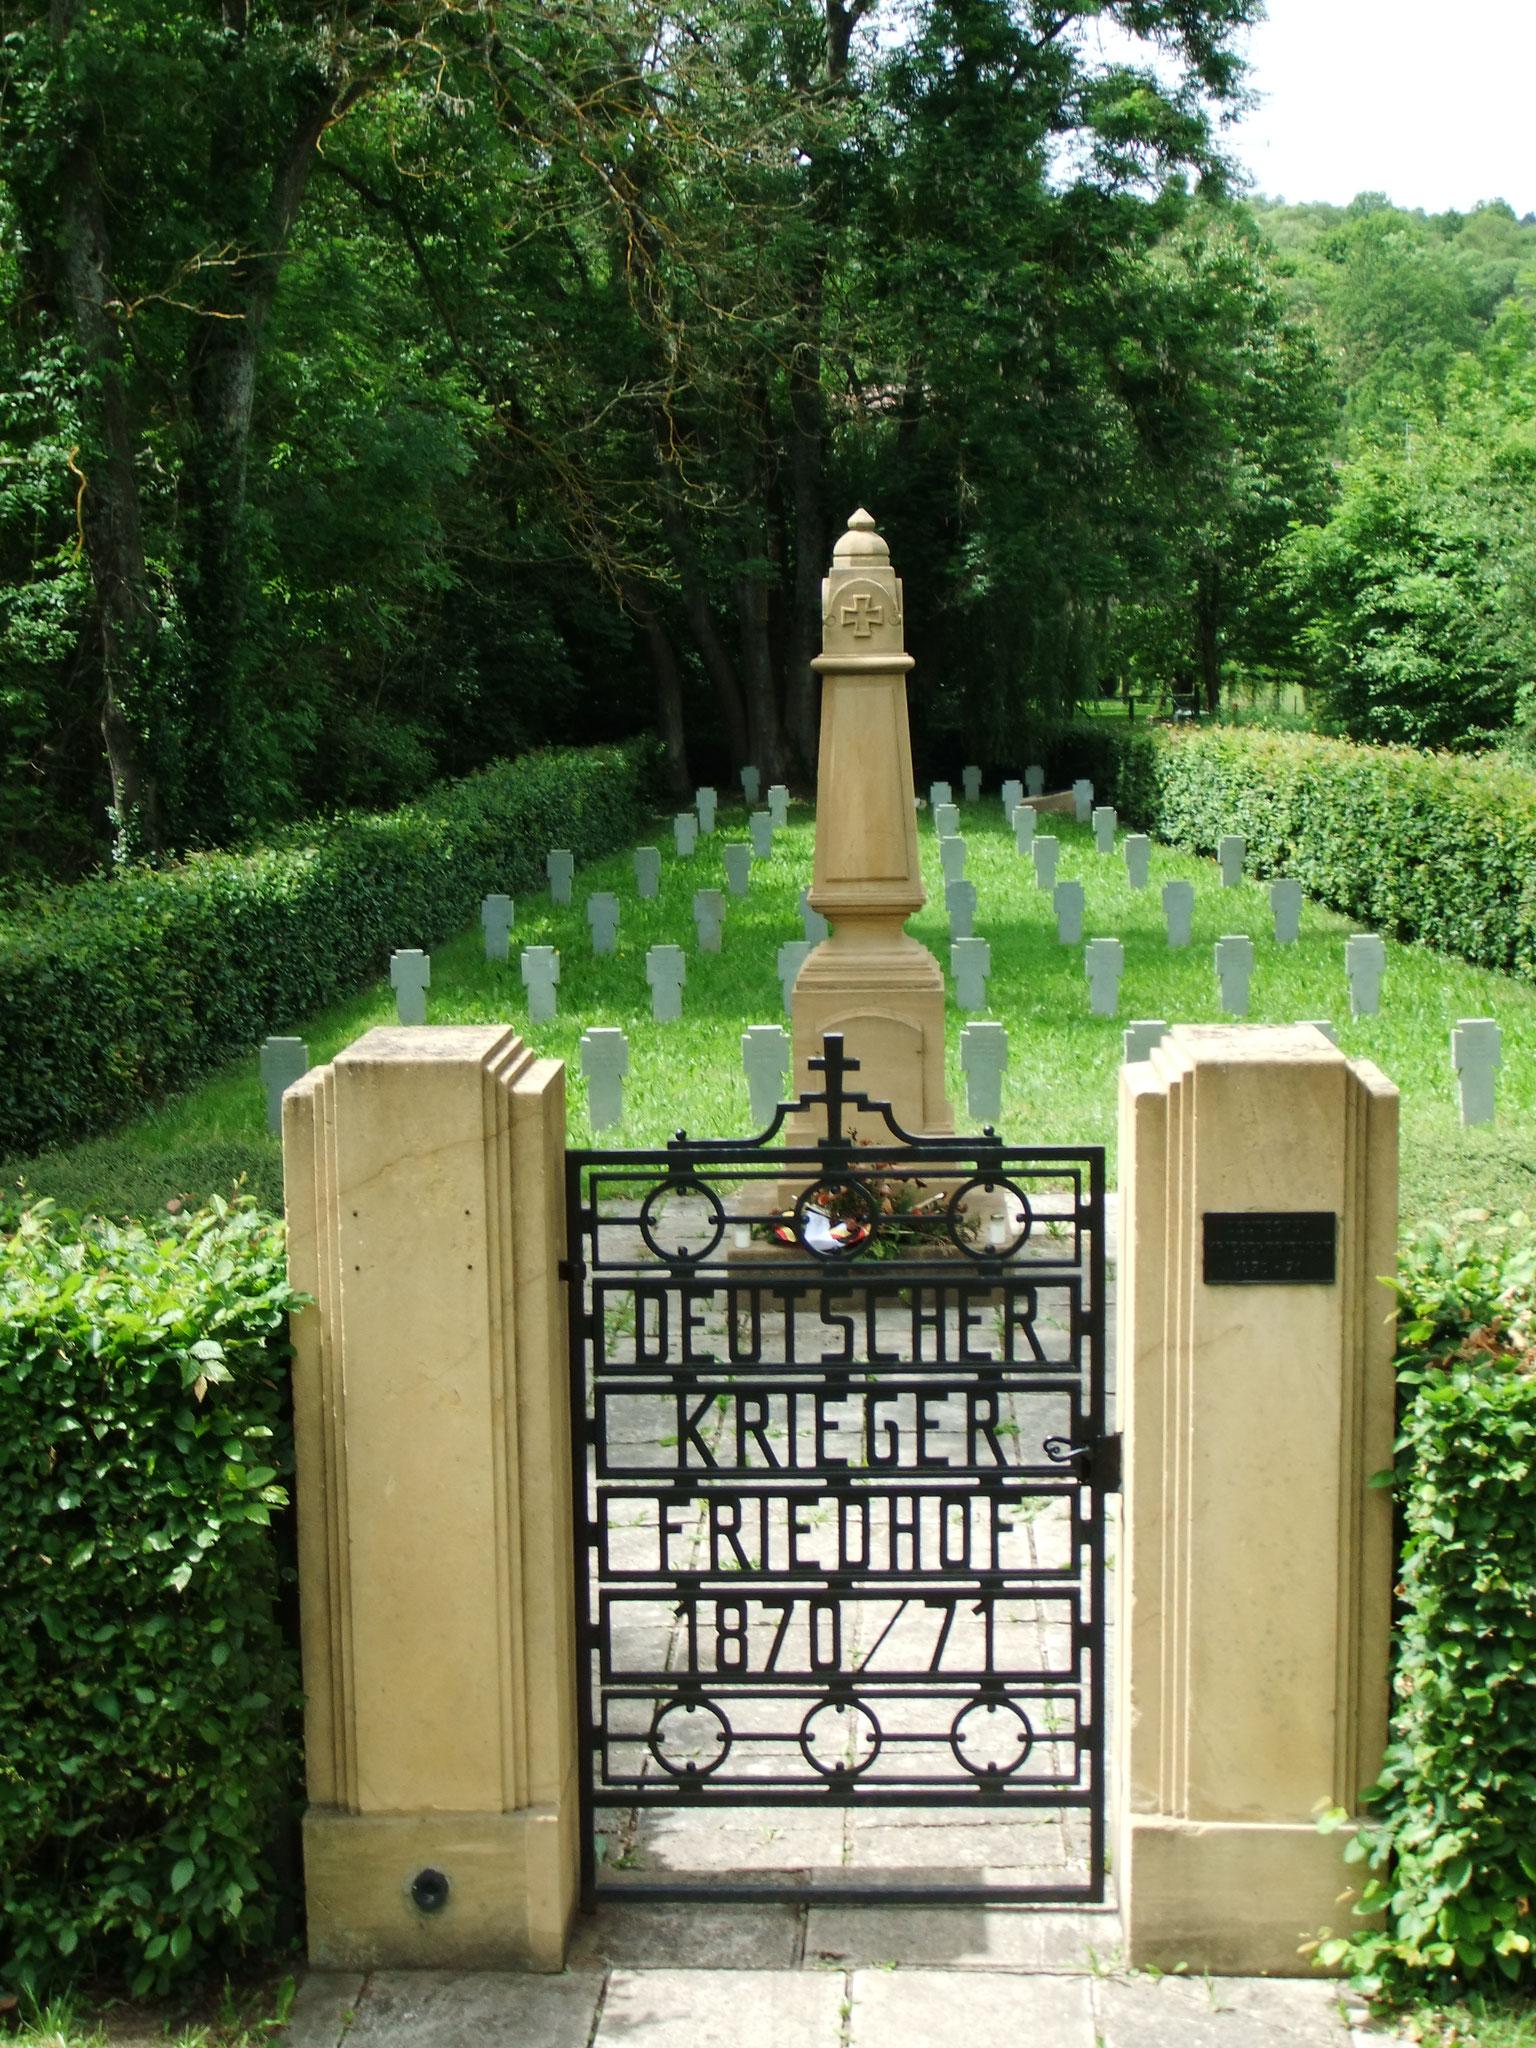 Lothringen, in vielen Kriegen stark umkämpft. So auch hier in der Nähe der Mosel.